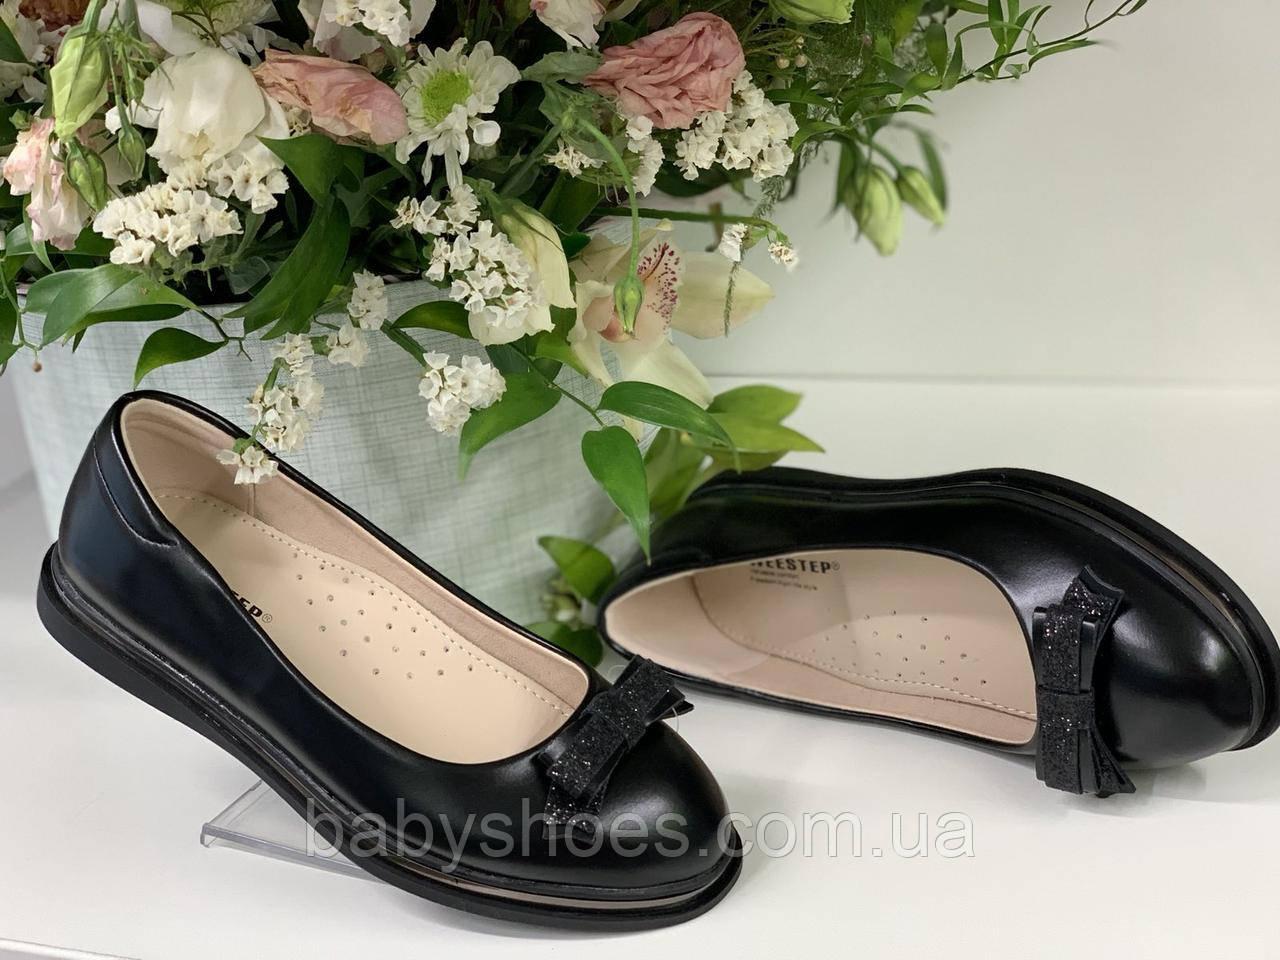 Туфли для девочки Weestep, Польша р.33-37.5 ТД-234